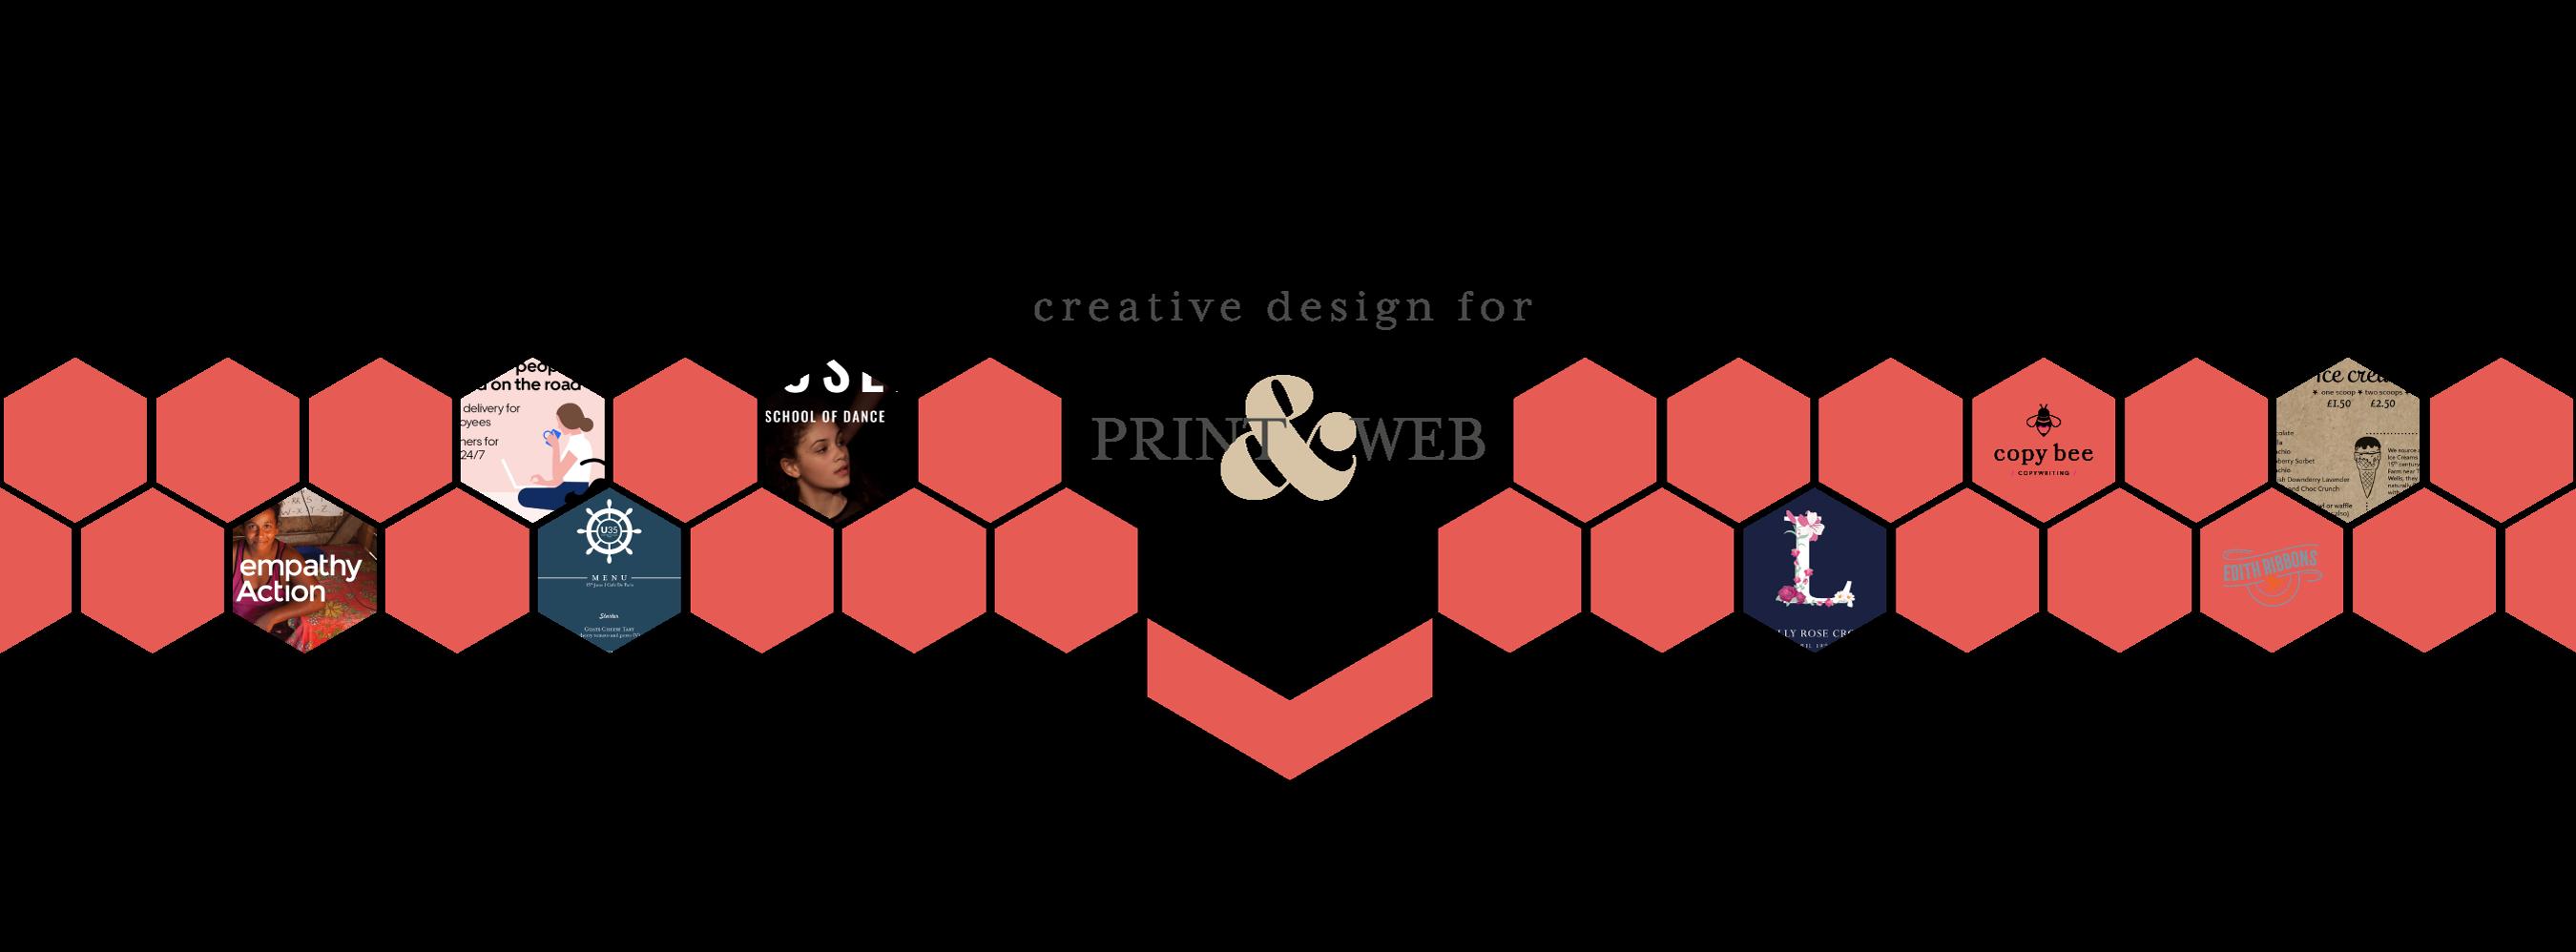 pinq web design and graphic design